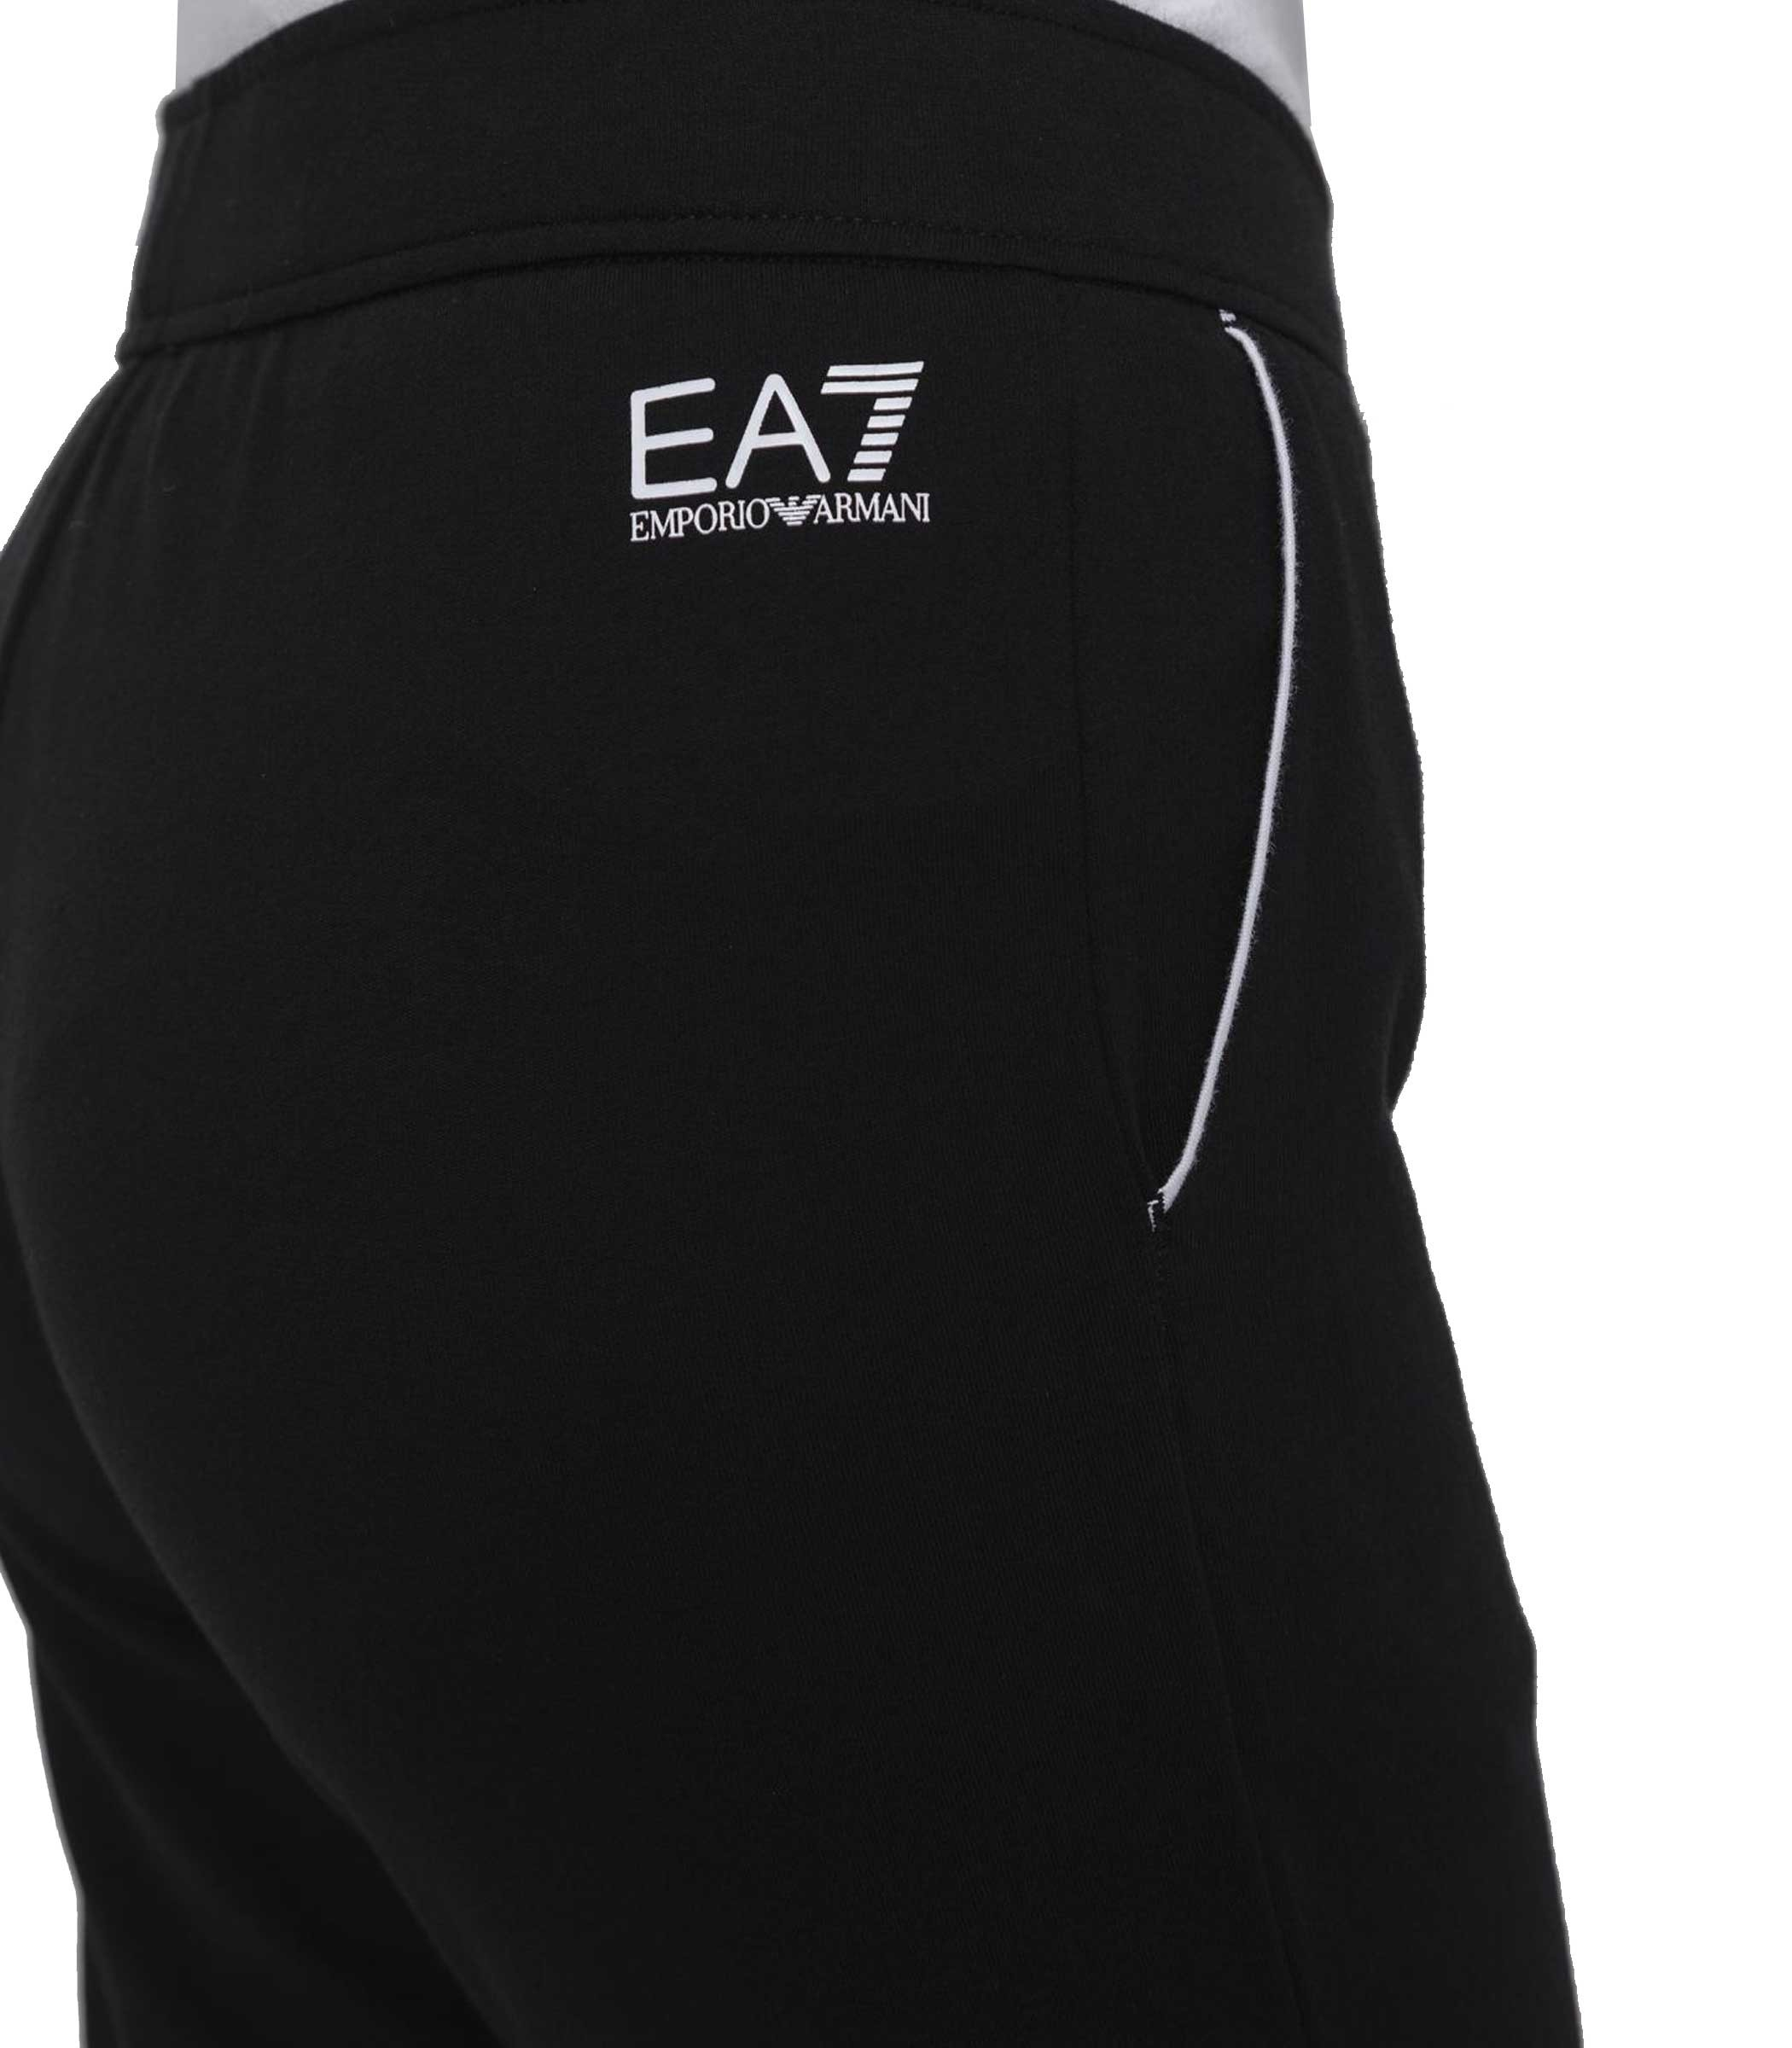 hot sale online 8f0a4 6e0cc Tuta Emporio Armani EA7 con felpa con zip da donna rif ...